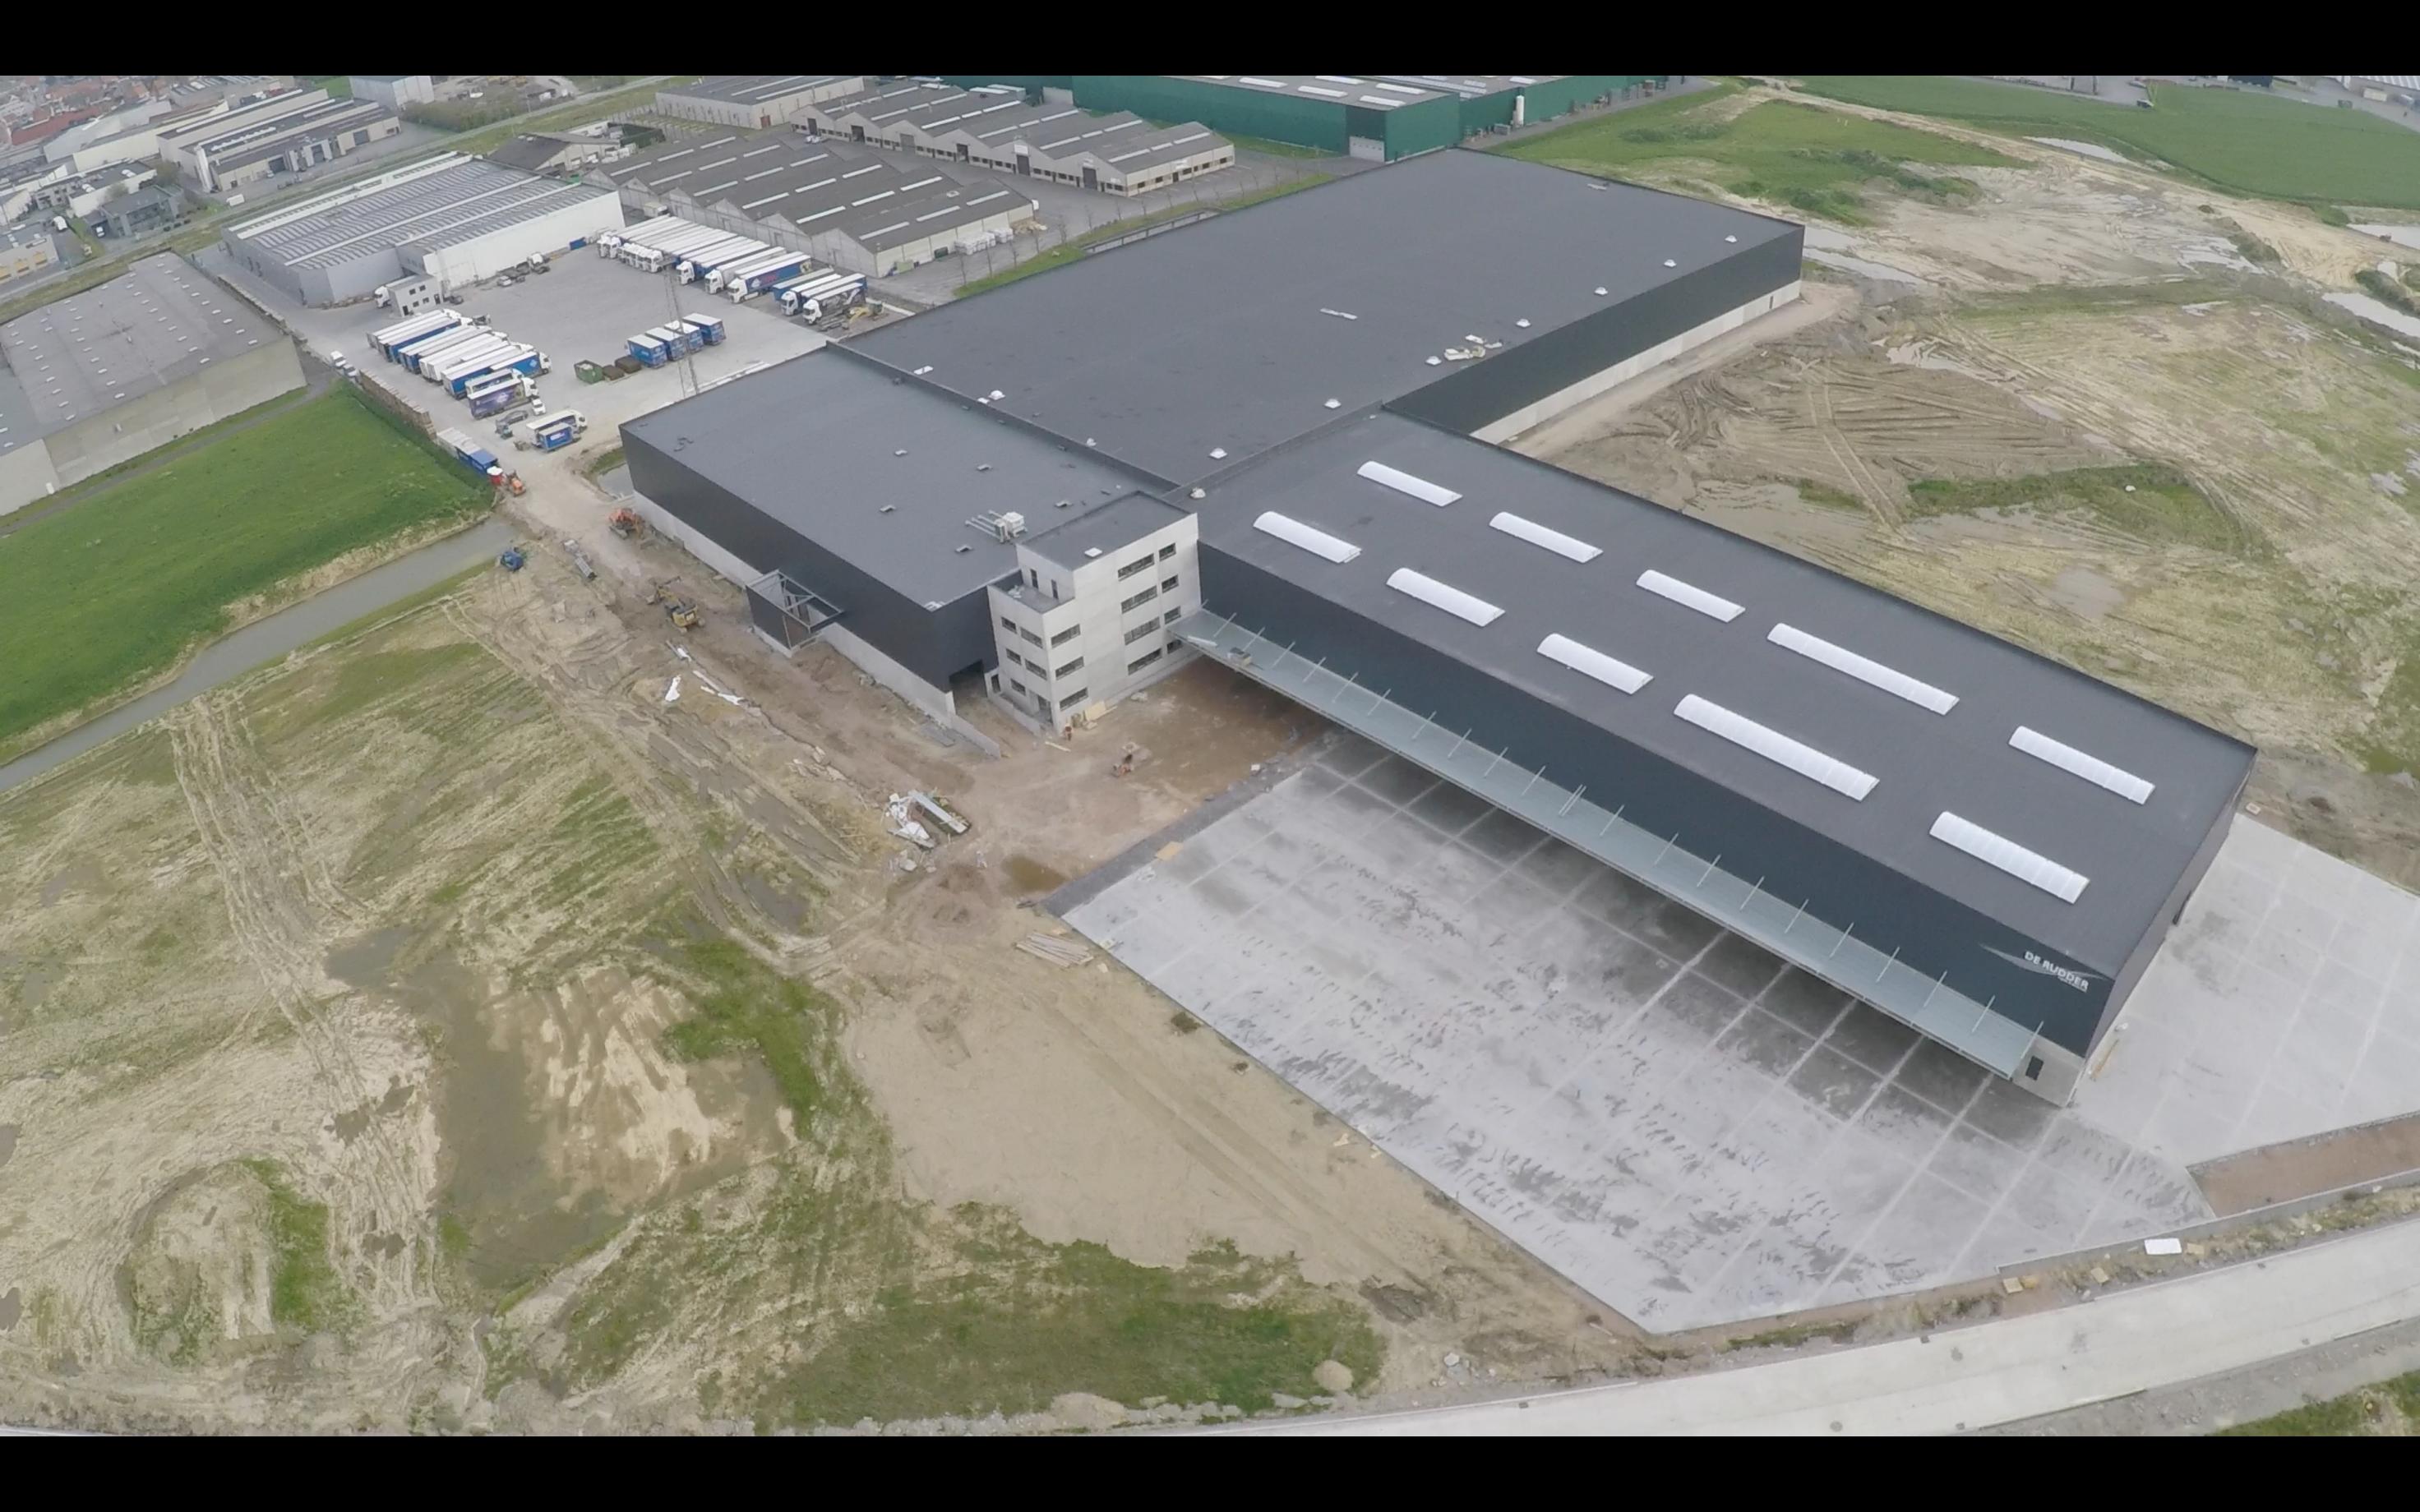 Transport De Rudder_Kuurne_distributiecentrum_bedrijfsgebouw_industriegebouw (2).png